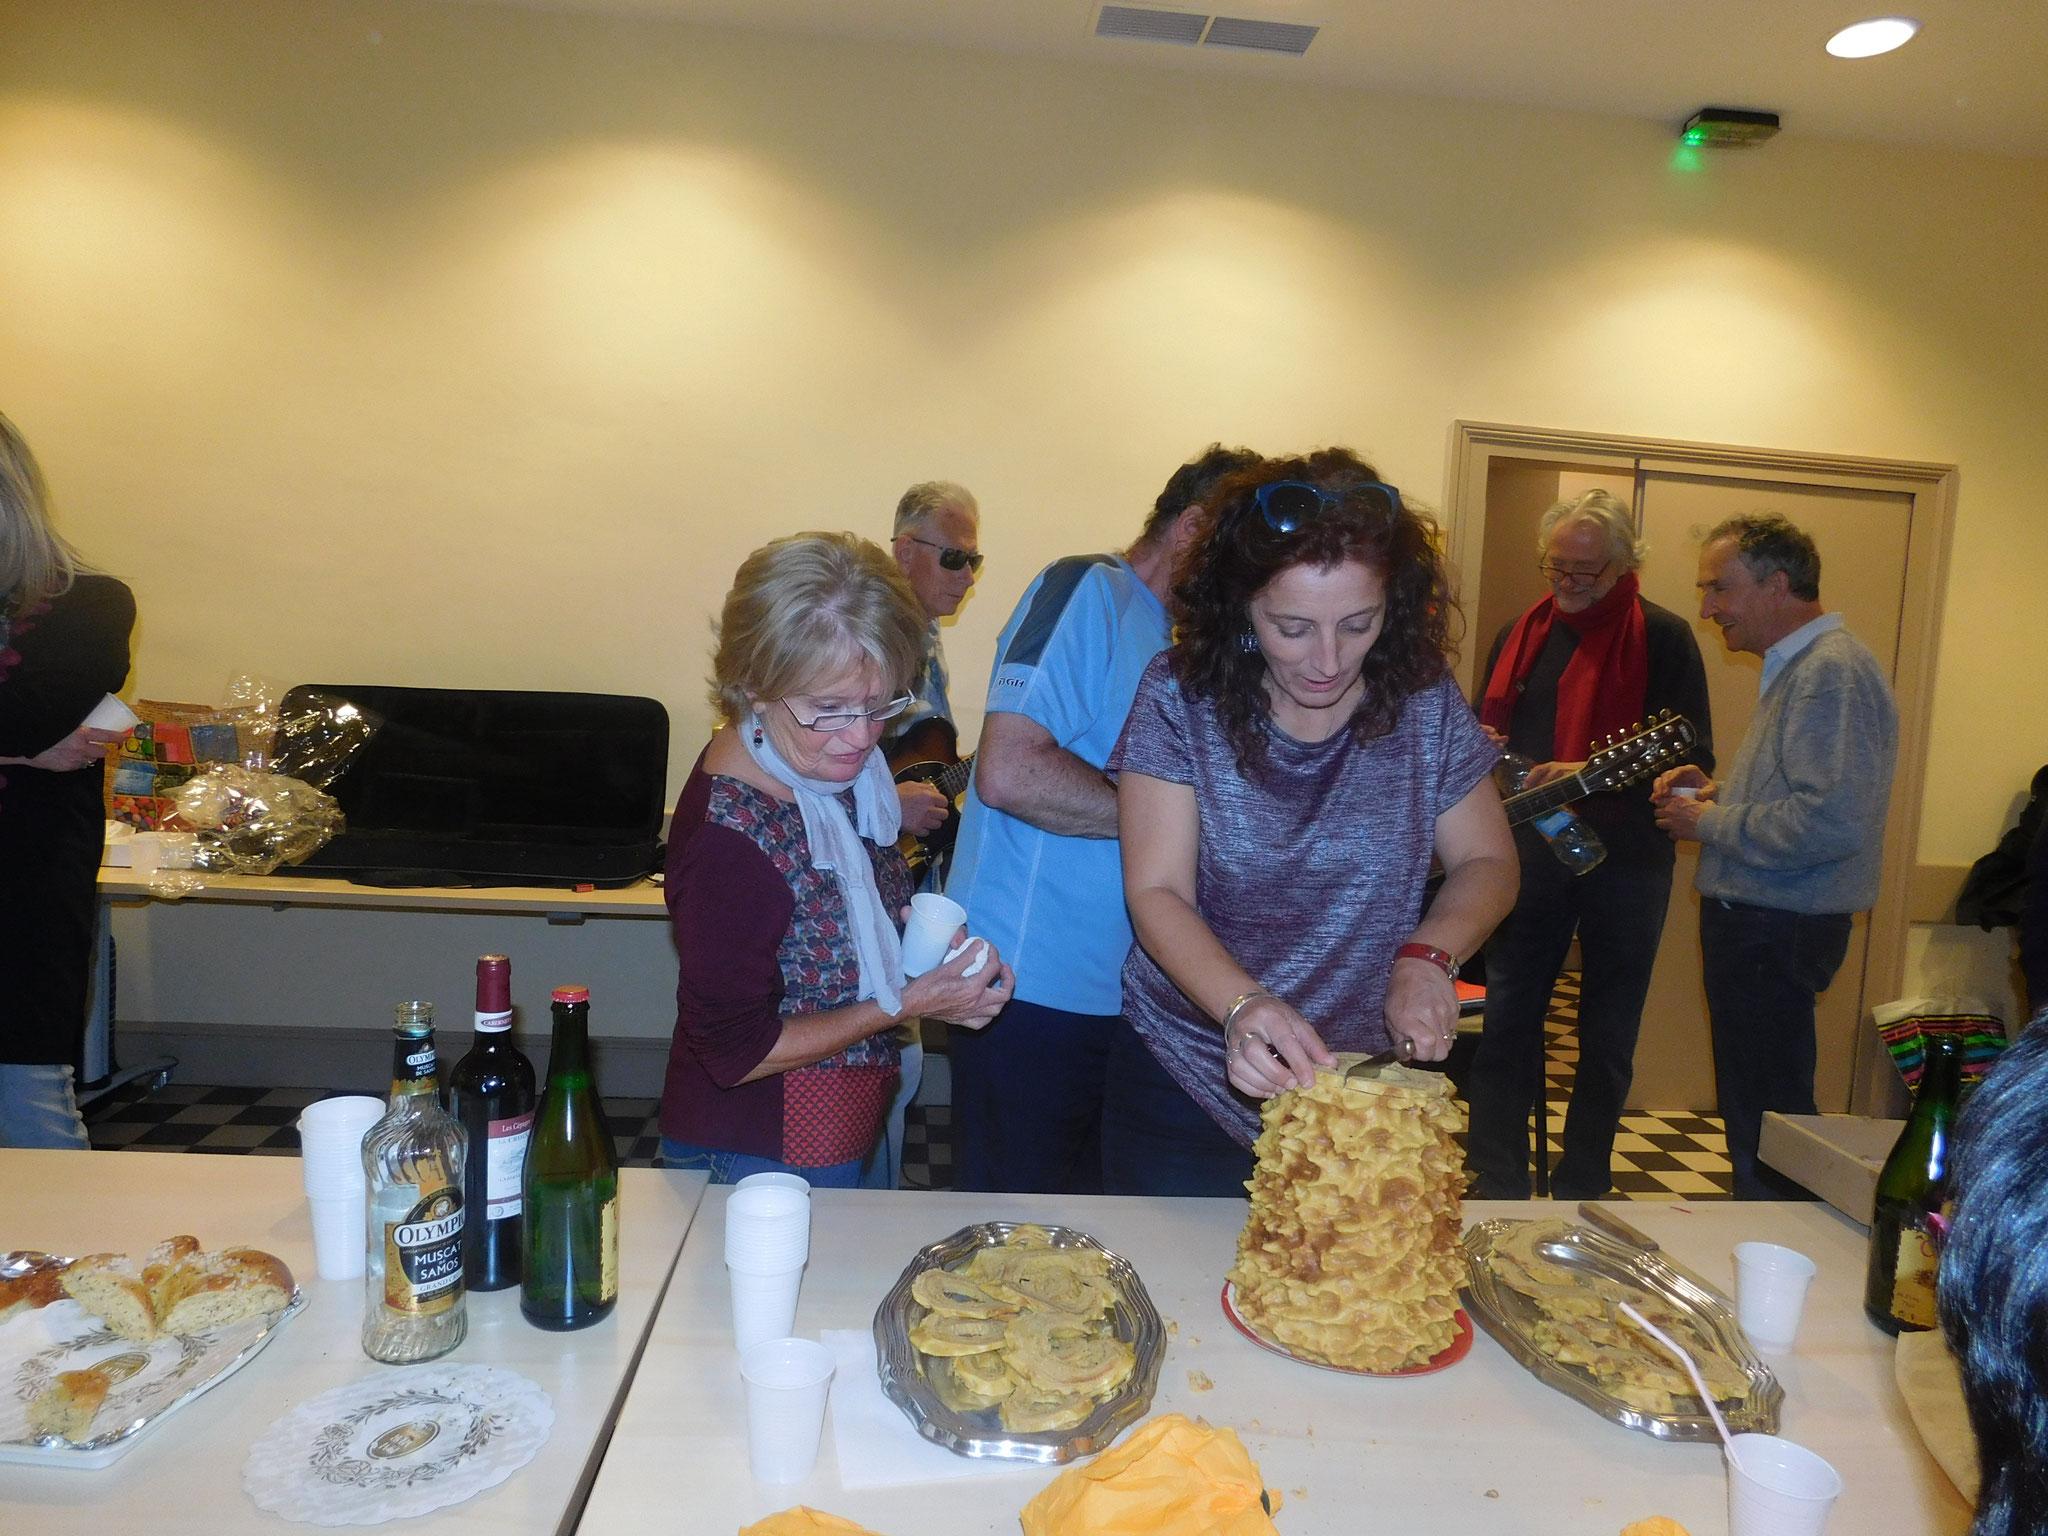 Avec un beau rocher des Pyrénées accompagné d'autres délicieux plats